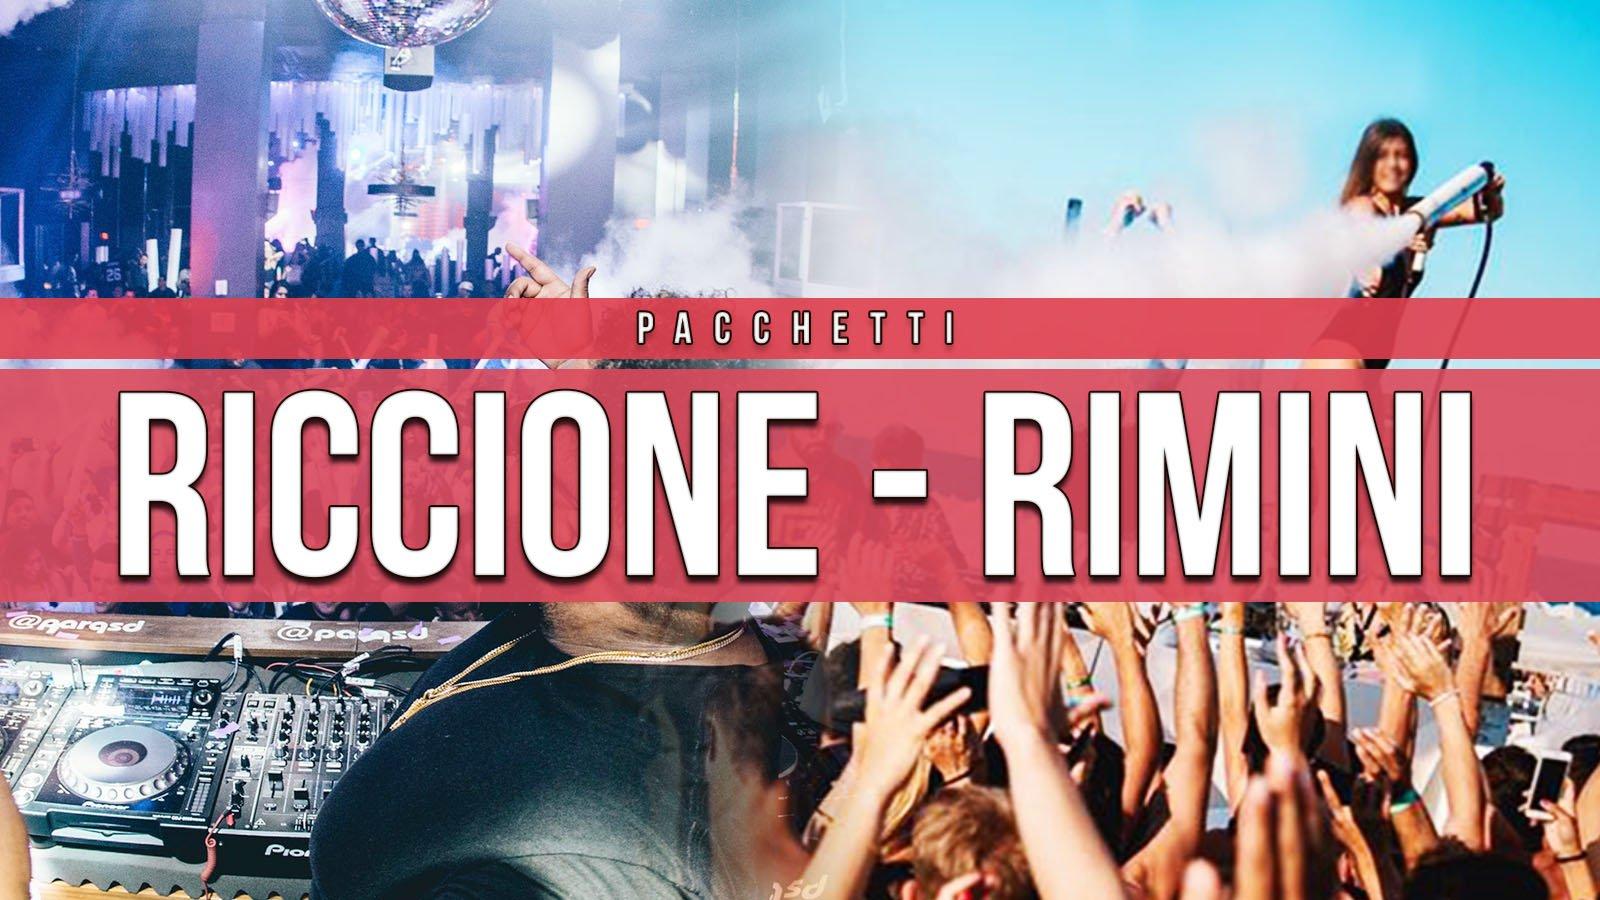 Pacchetti Hotel + Discoteche Riccione E Rimini